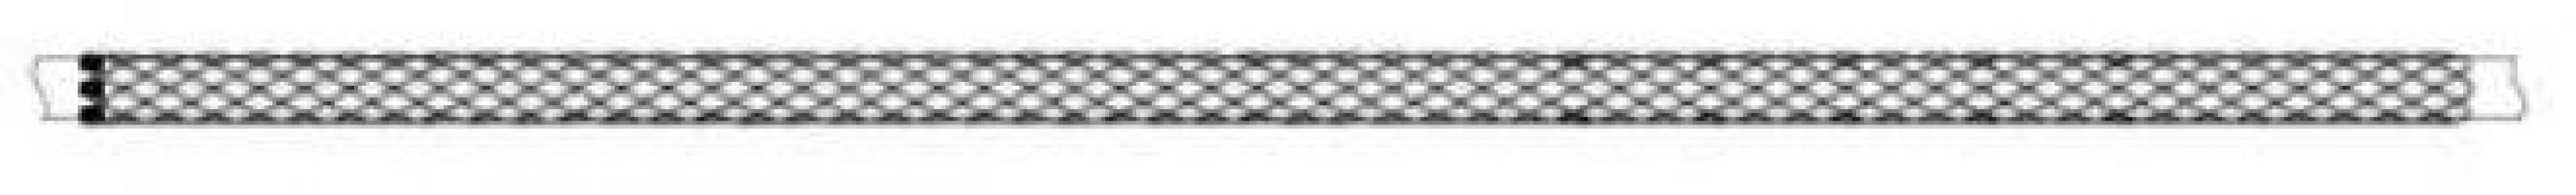 Кабельный чулок транзитный (соединительный) КЧТ65